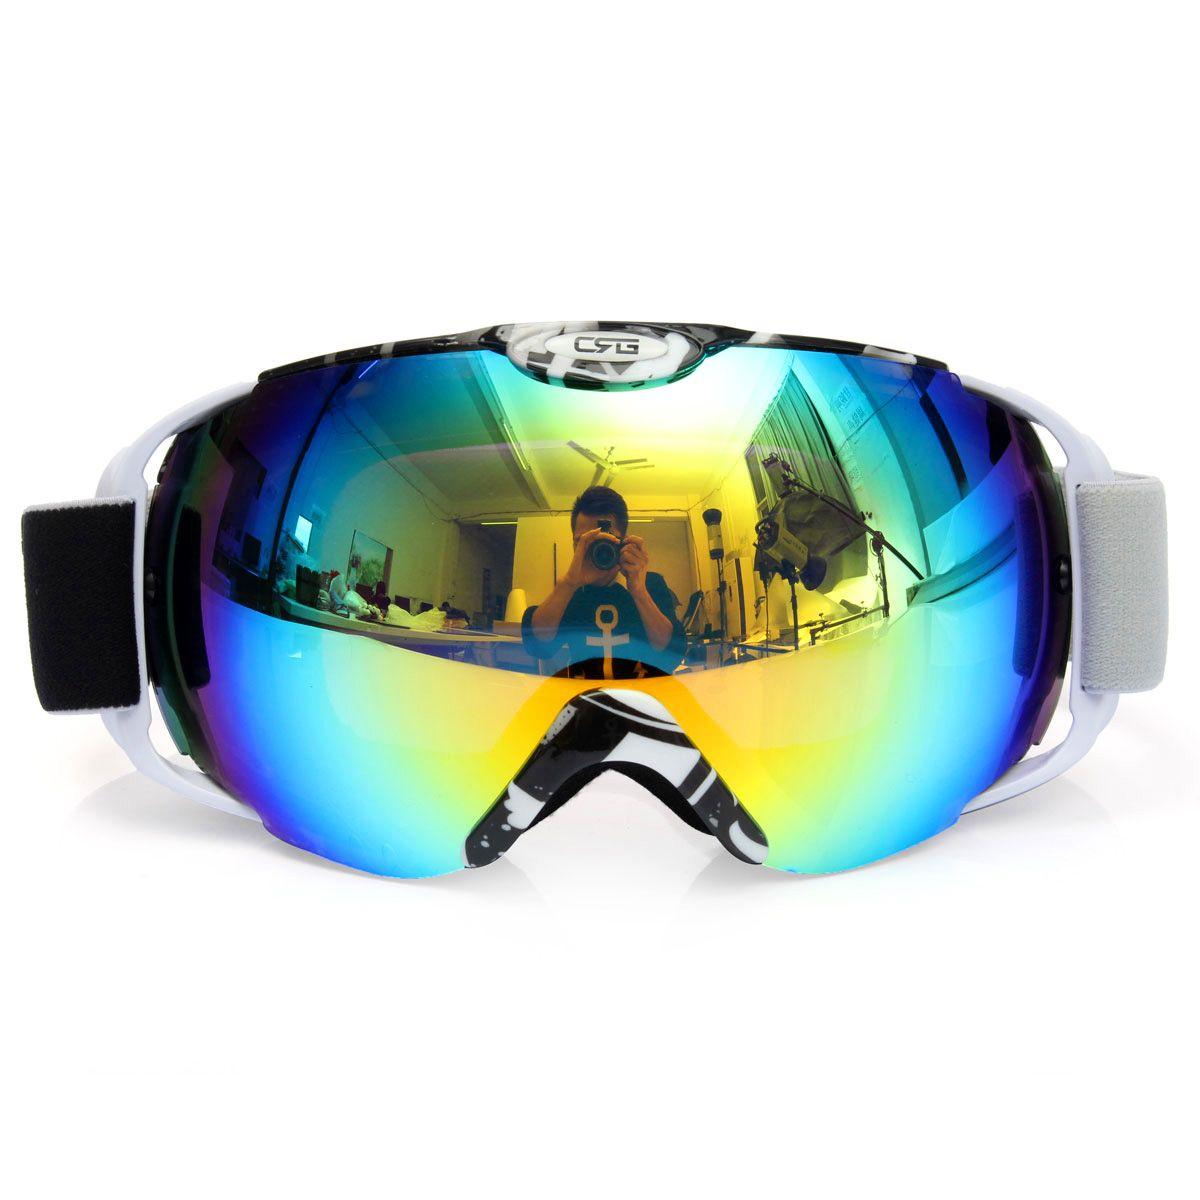 Unisex adultos profesional esférico anti-niebla lente doble snowboard esquí gafas